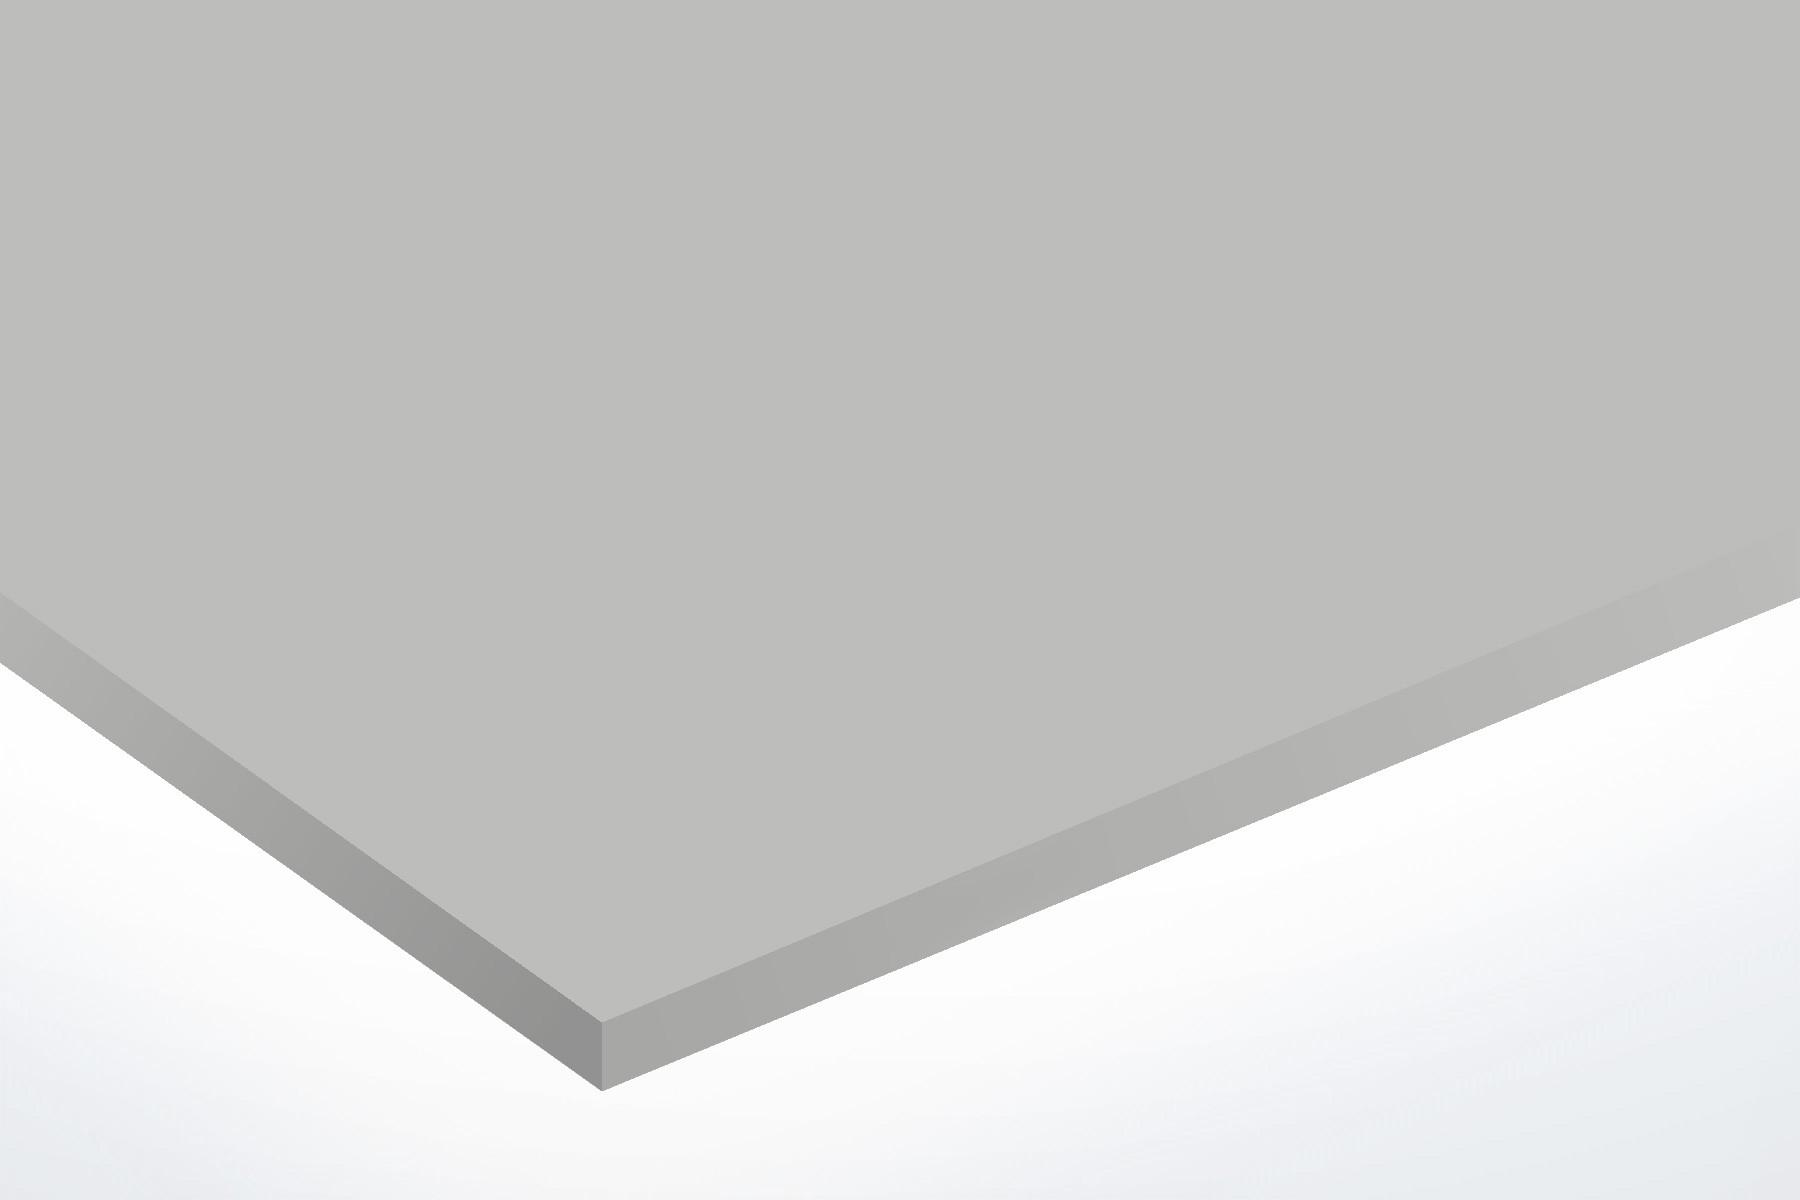 TroLase ADA Signage, Silver, 1ply, 0.8 mm